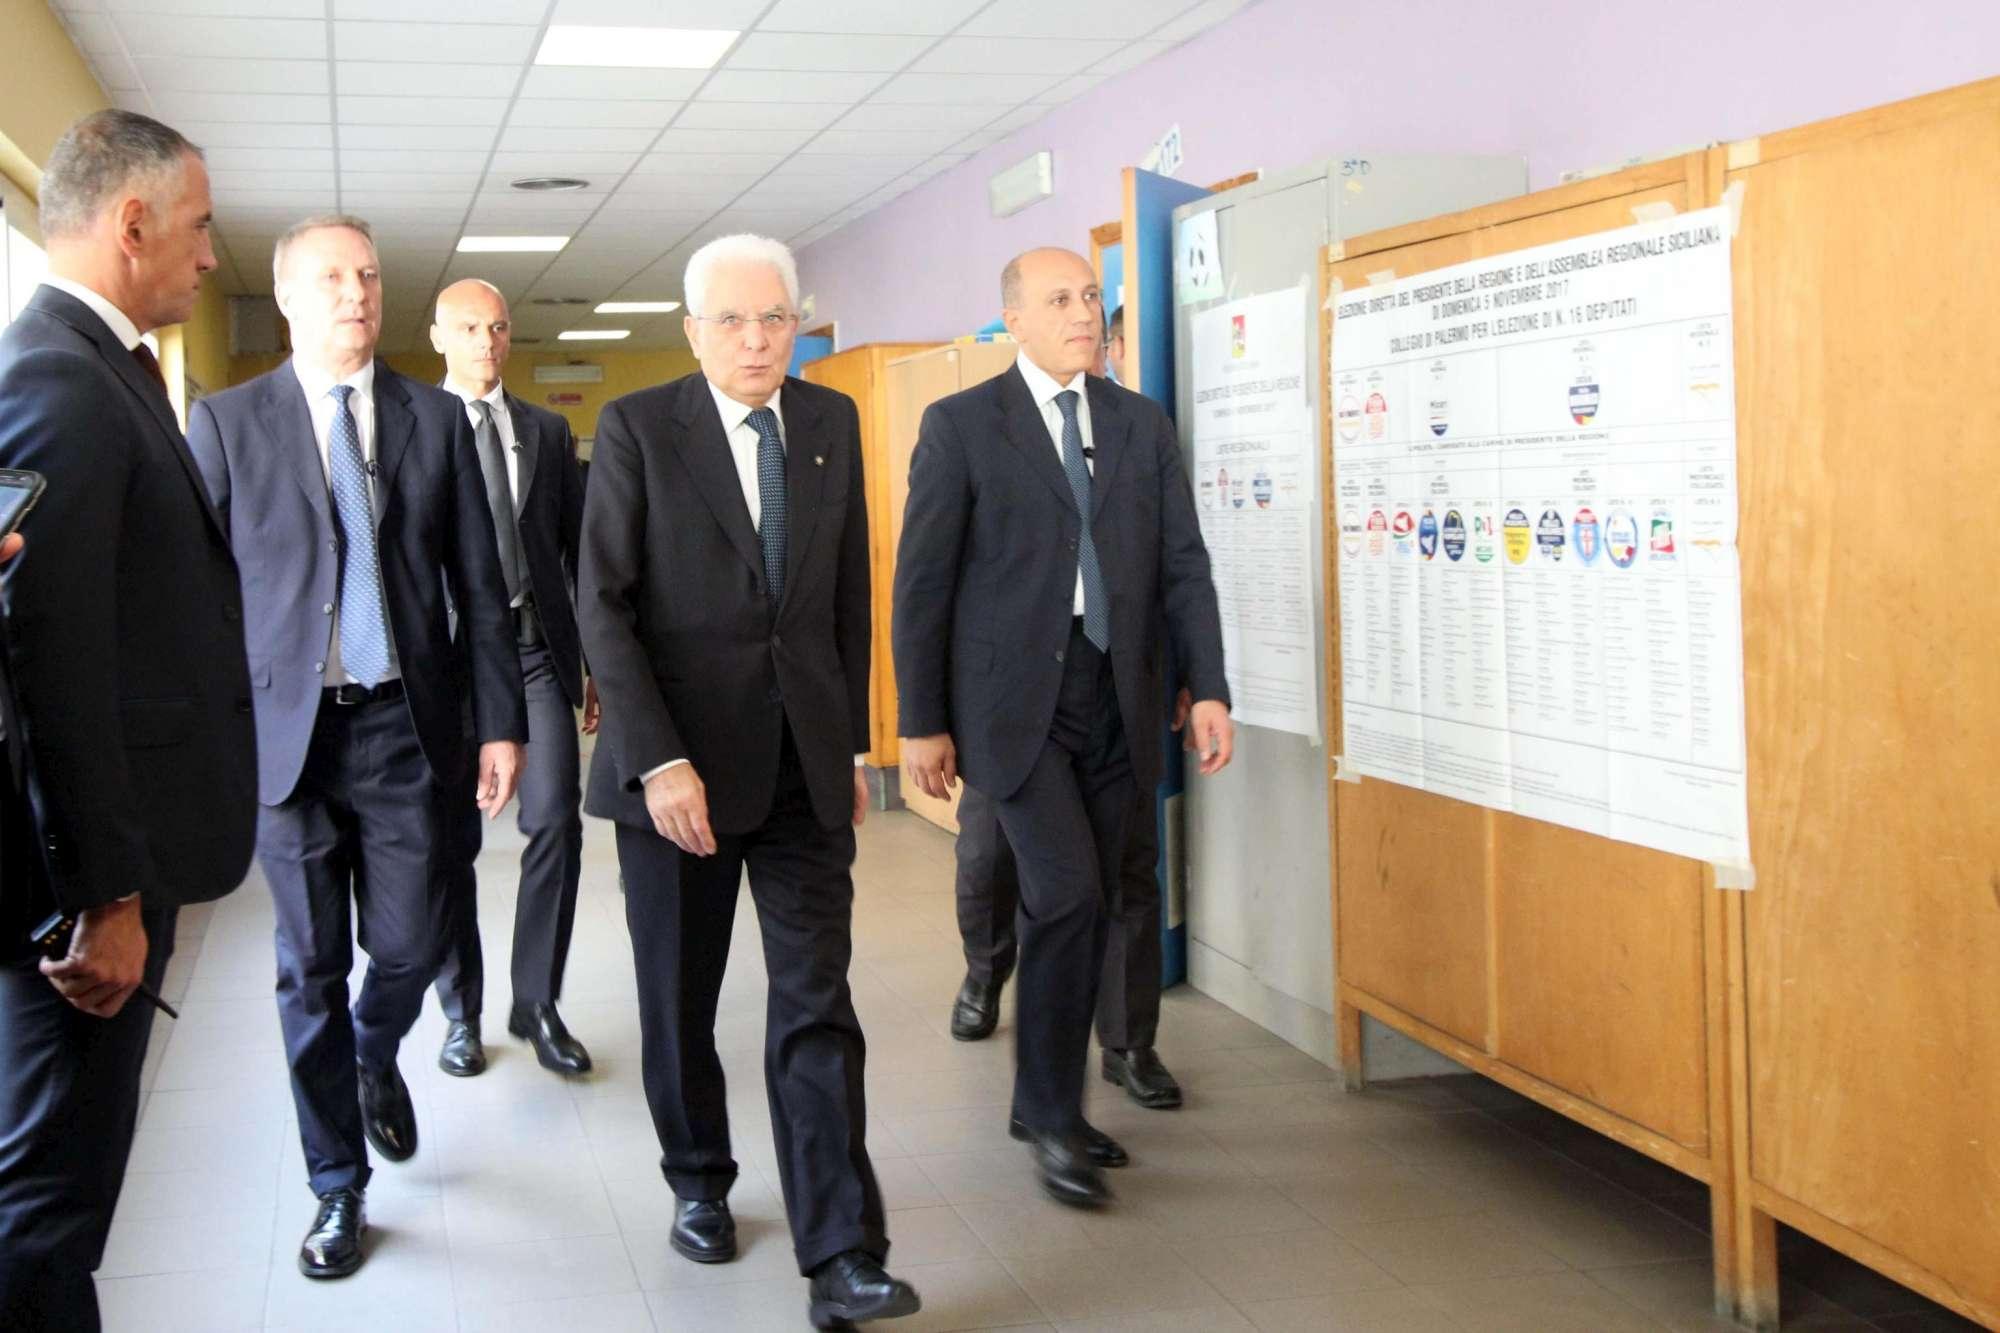 Autorità al voto in Sicilia, anche il Capo dello Stato alle urne per le regionali